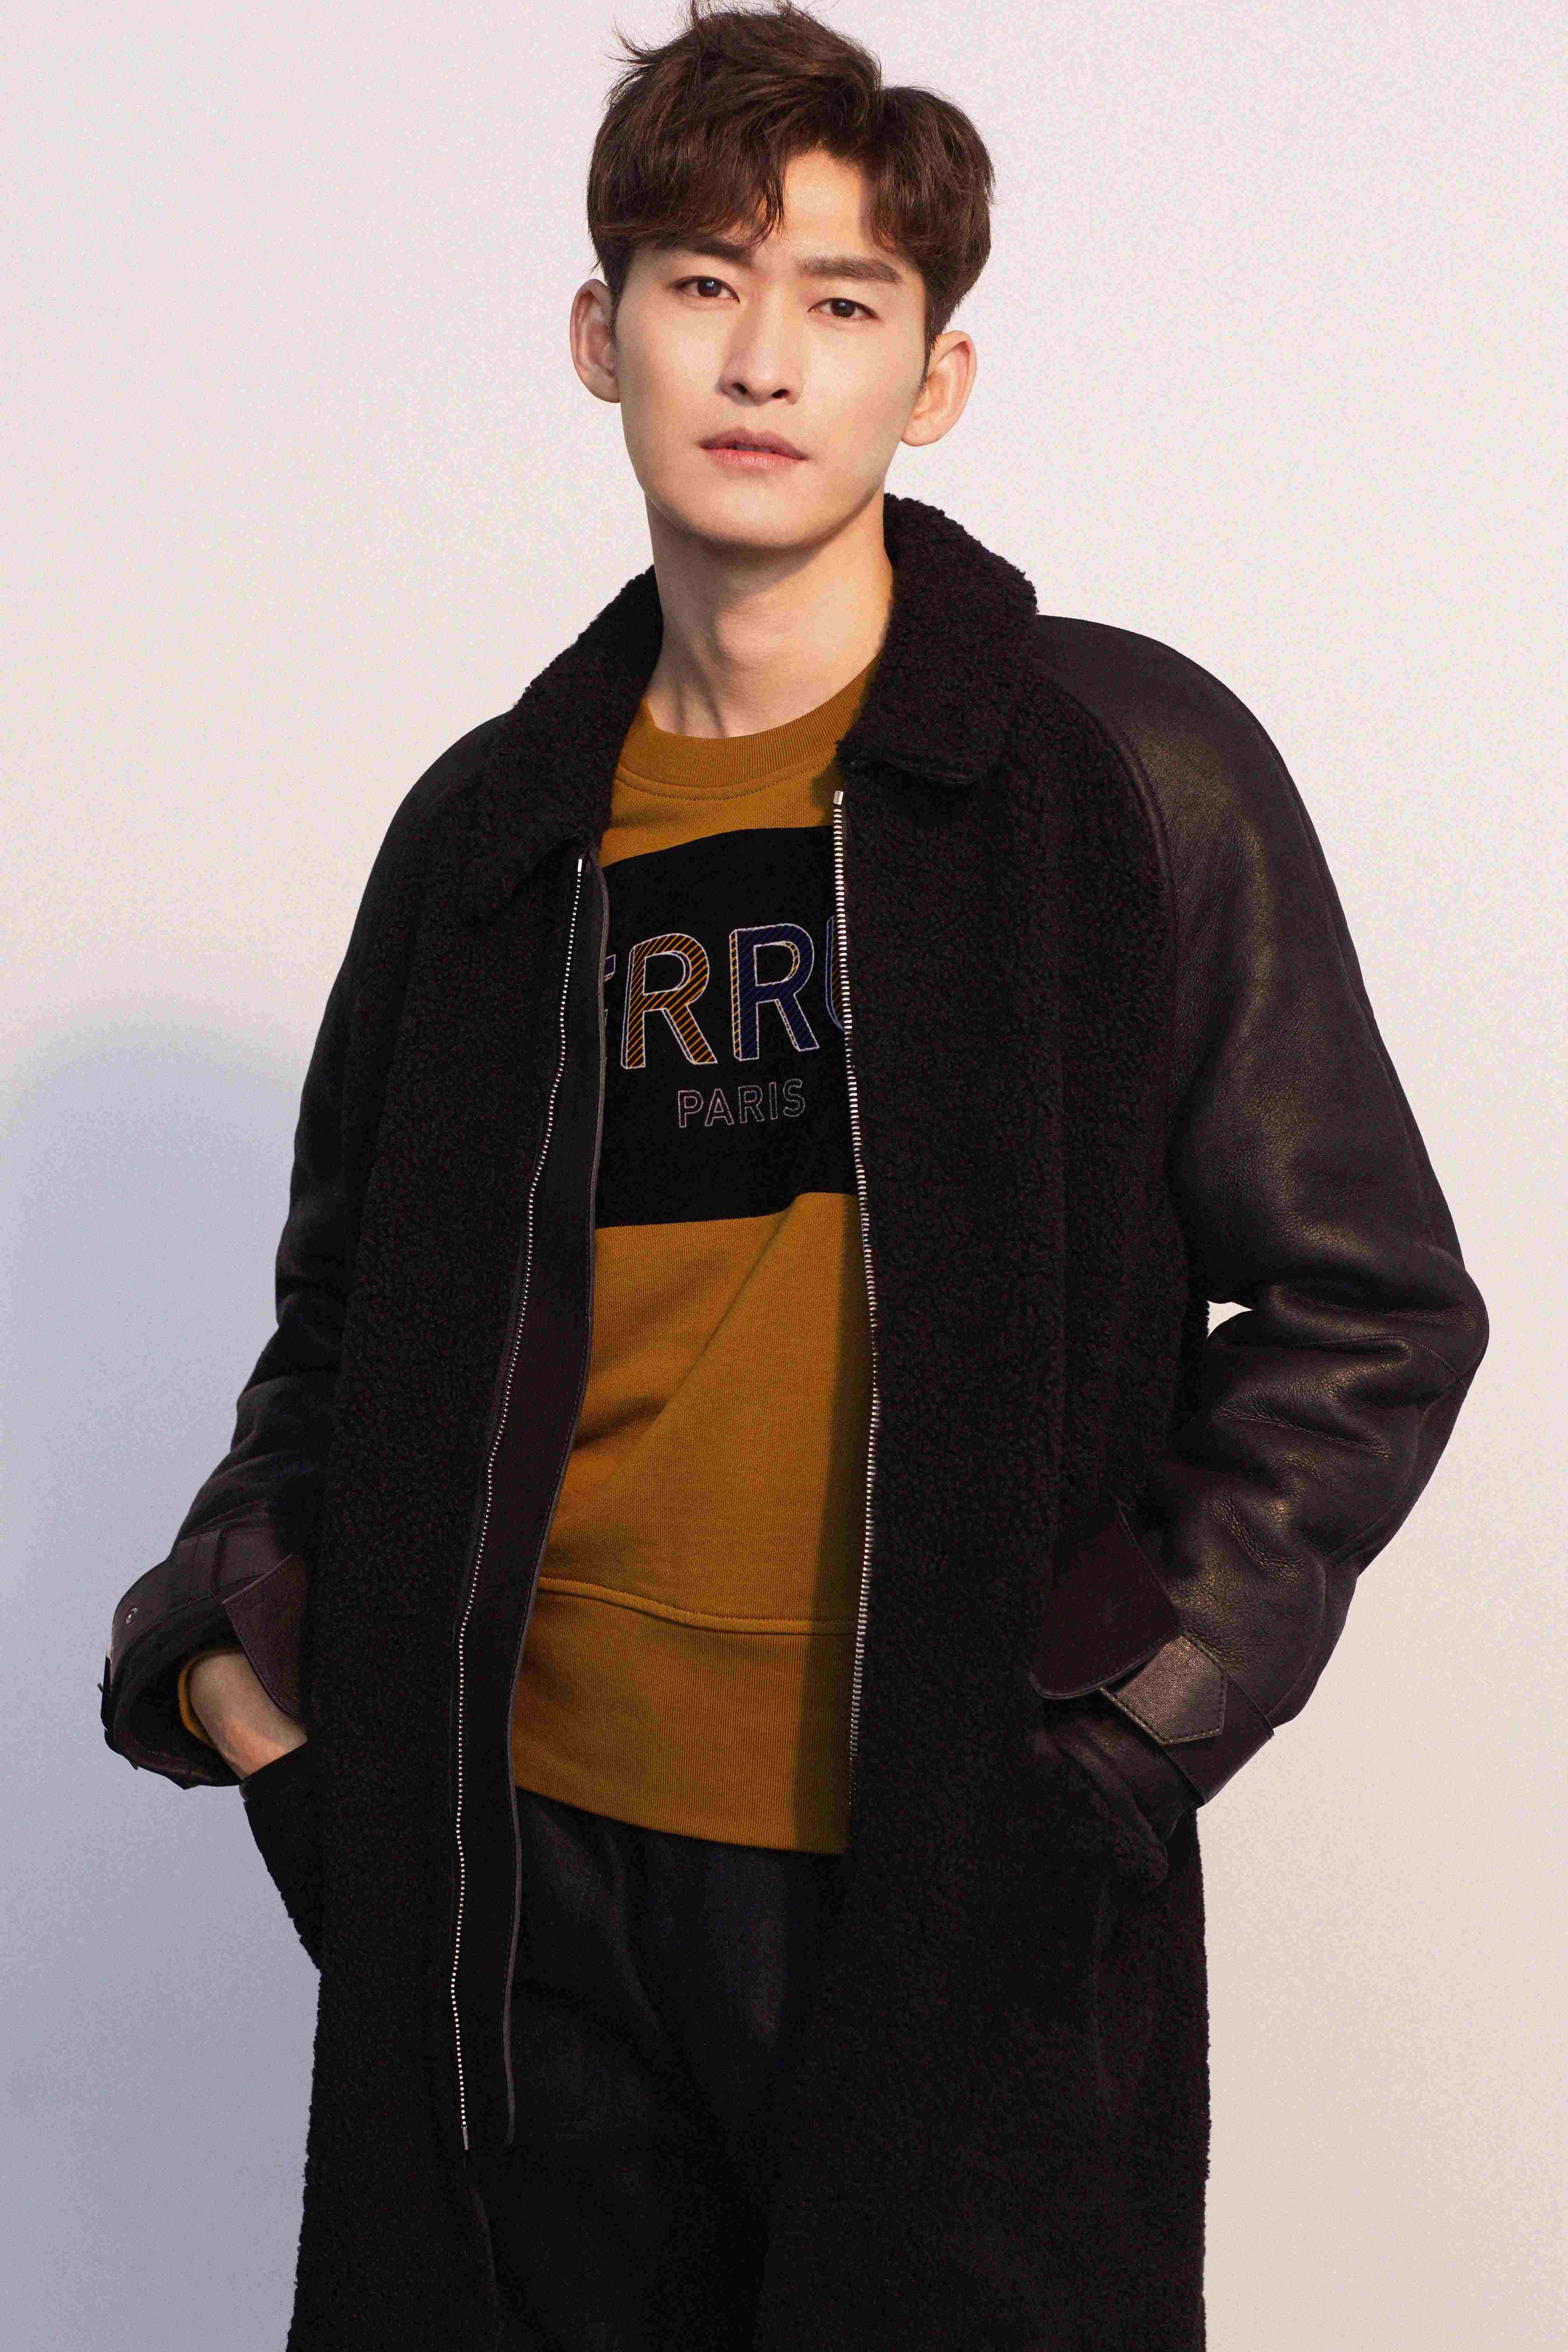 张翰身着黑色皮质毛领大衣.jpg